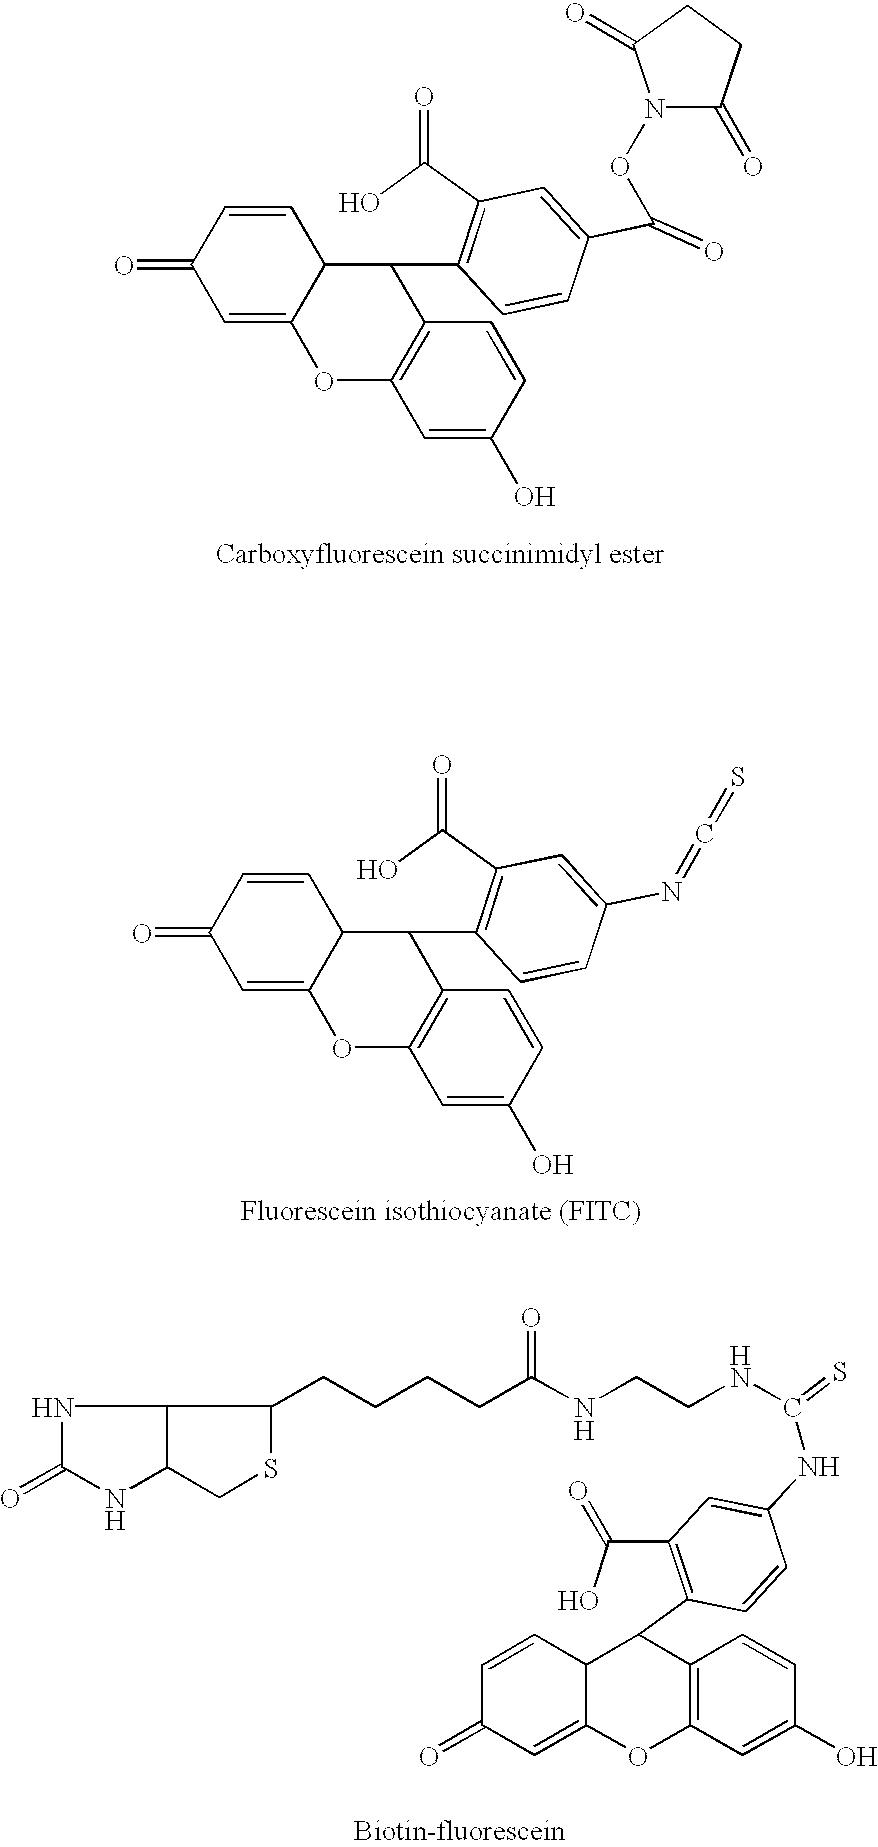 Figure US20020168641A1-20021114-C00002